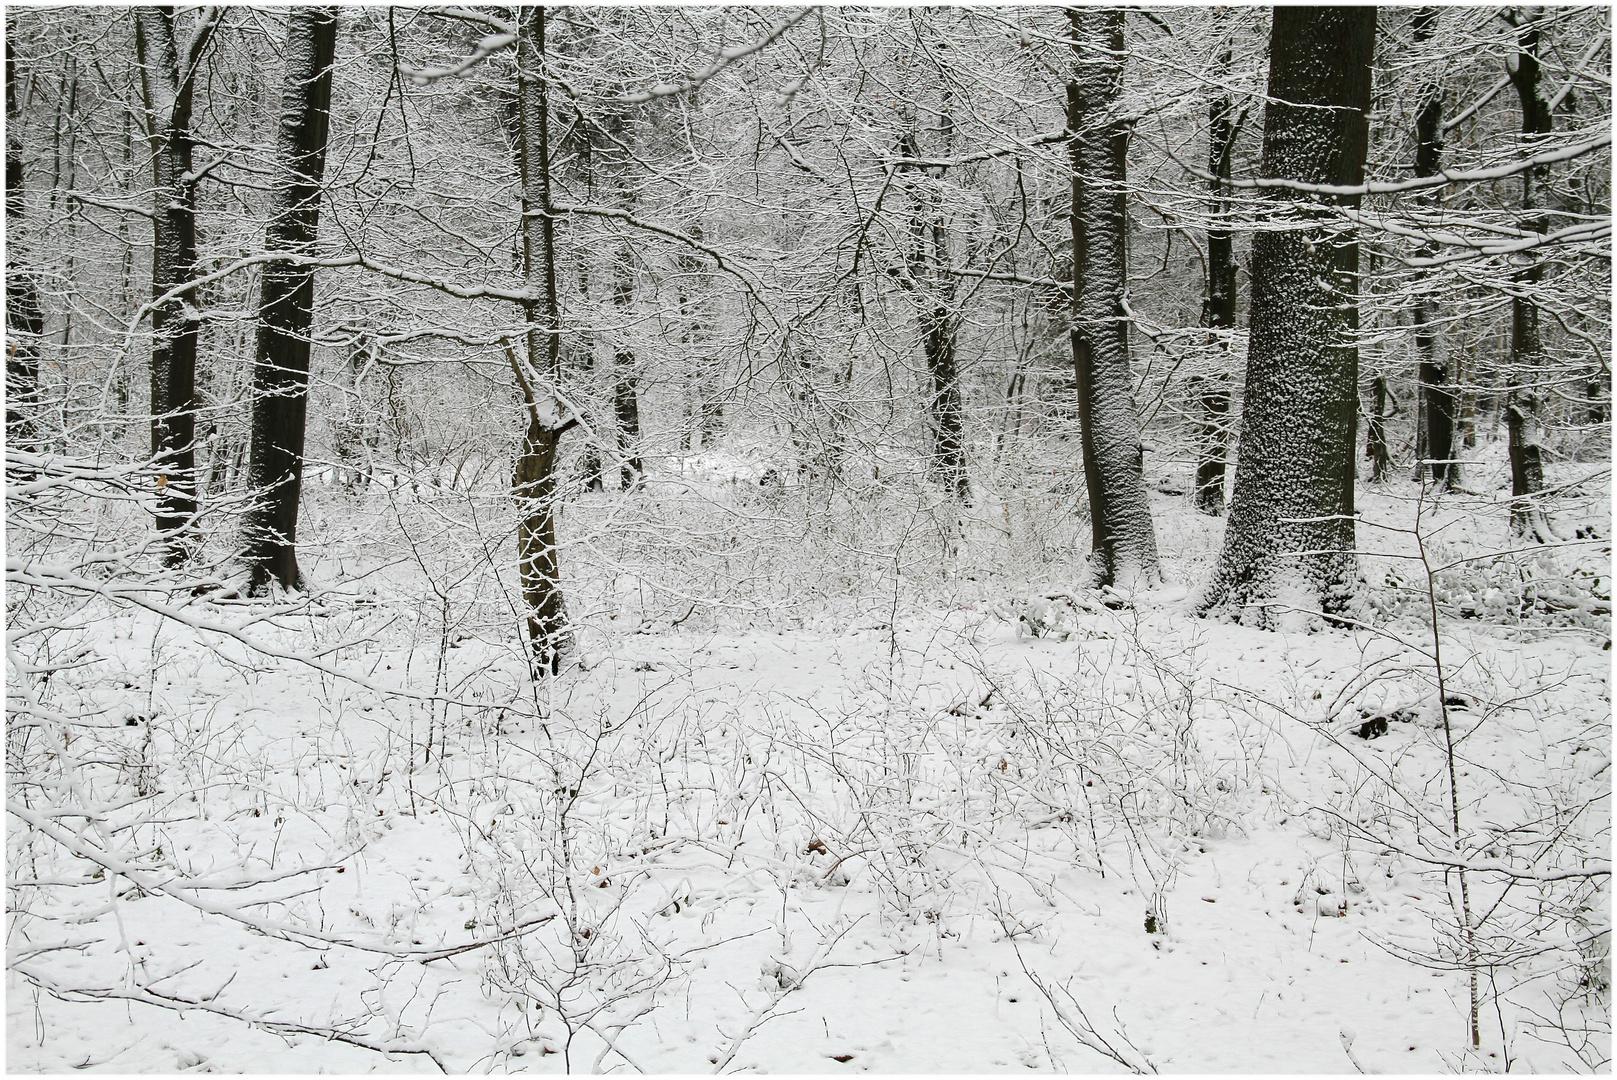 ich war heute im Wald ...